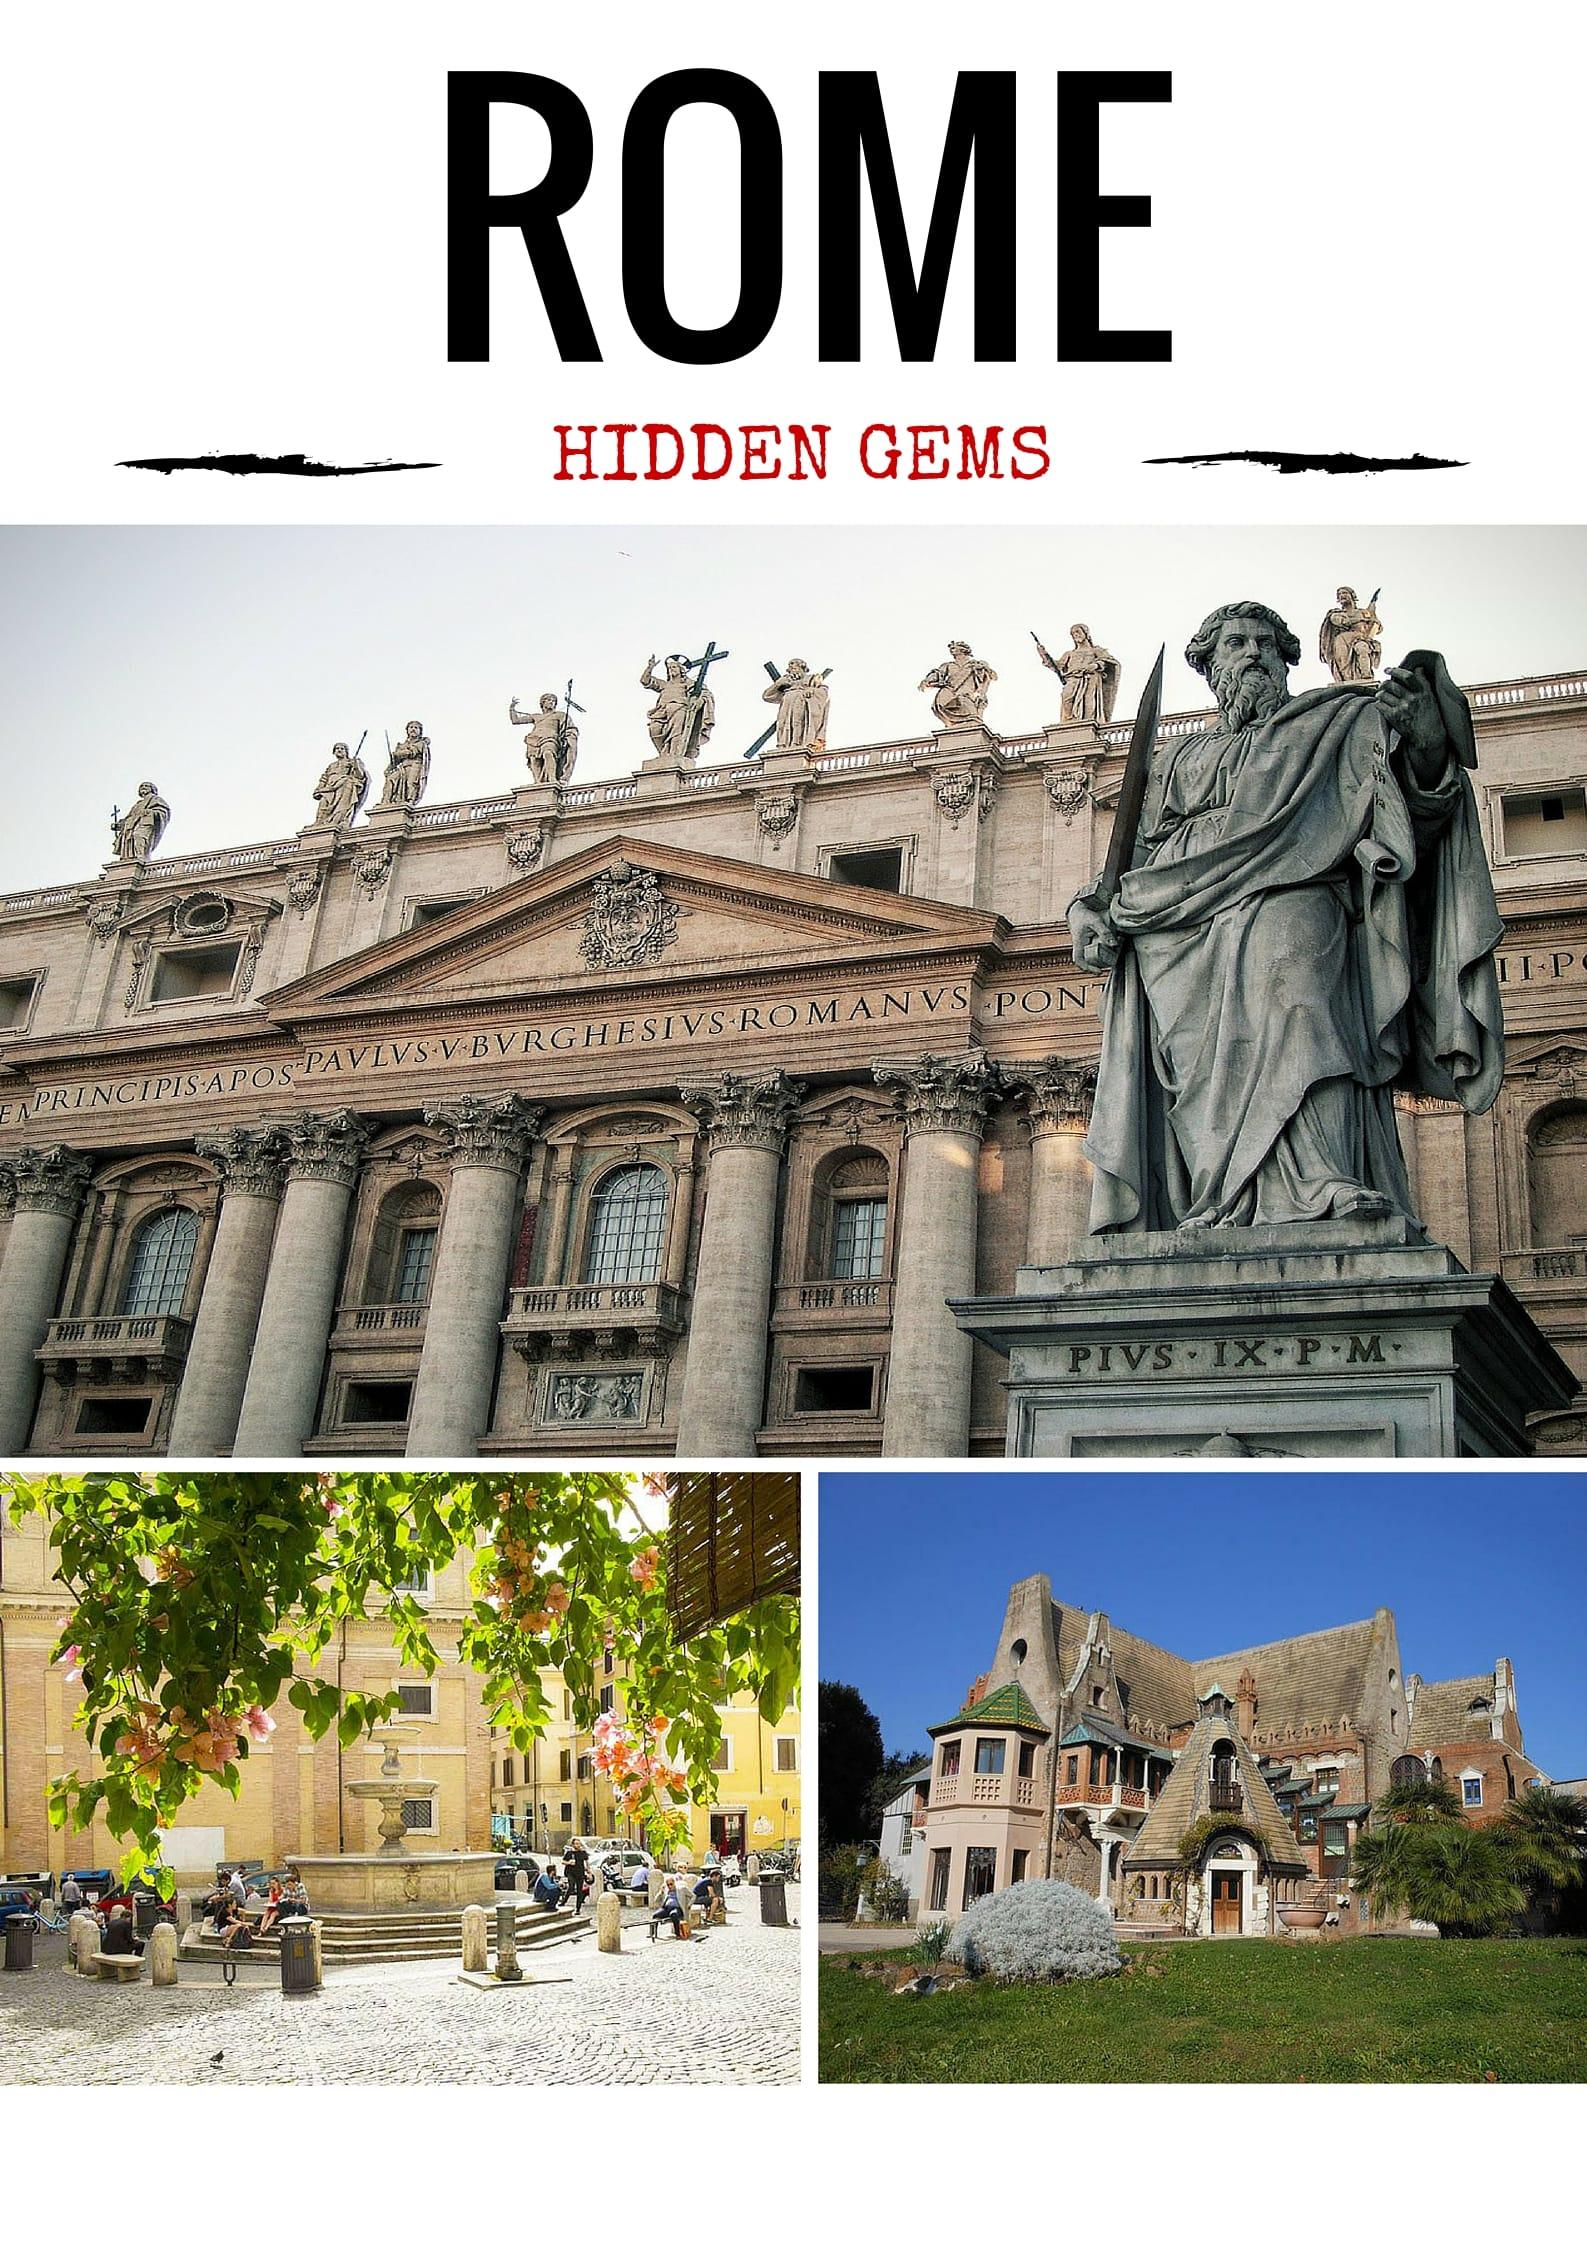 ROME PINTEREST